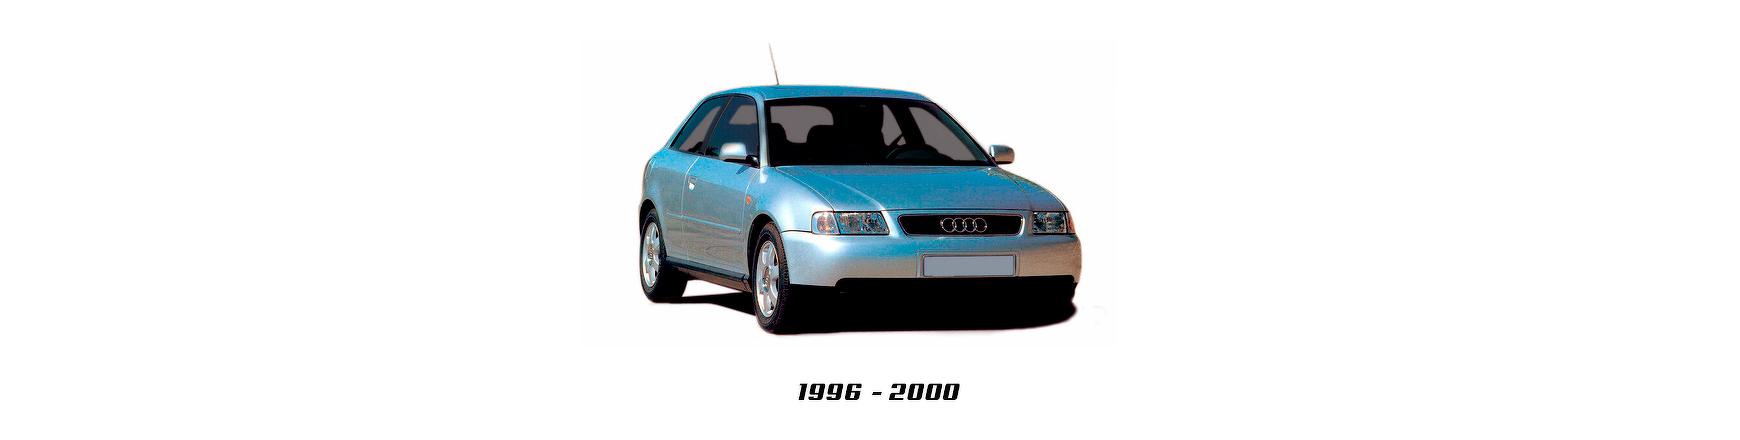 Audi A3 de 1996, 1997, 1998, 1999 y  2000. Faros, cubrecárter, capó...